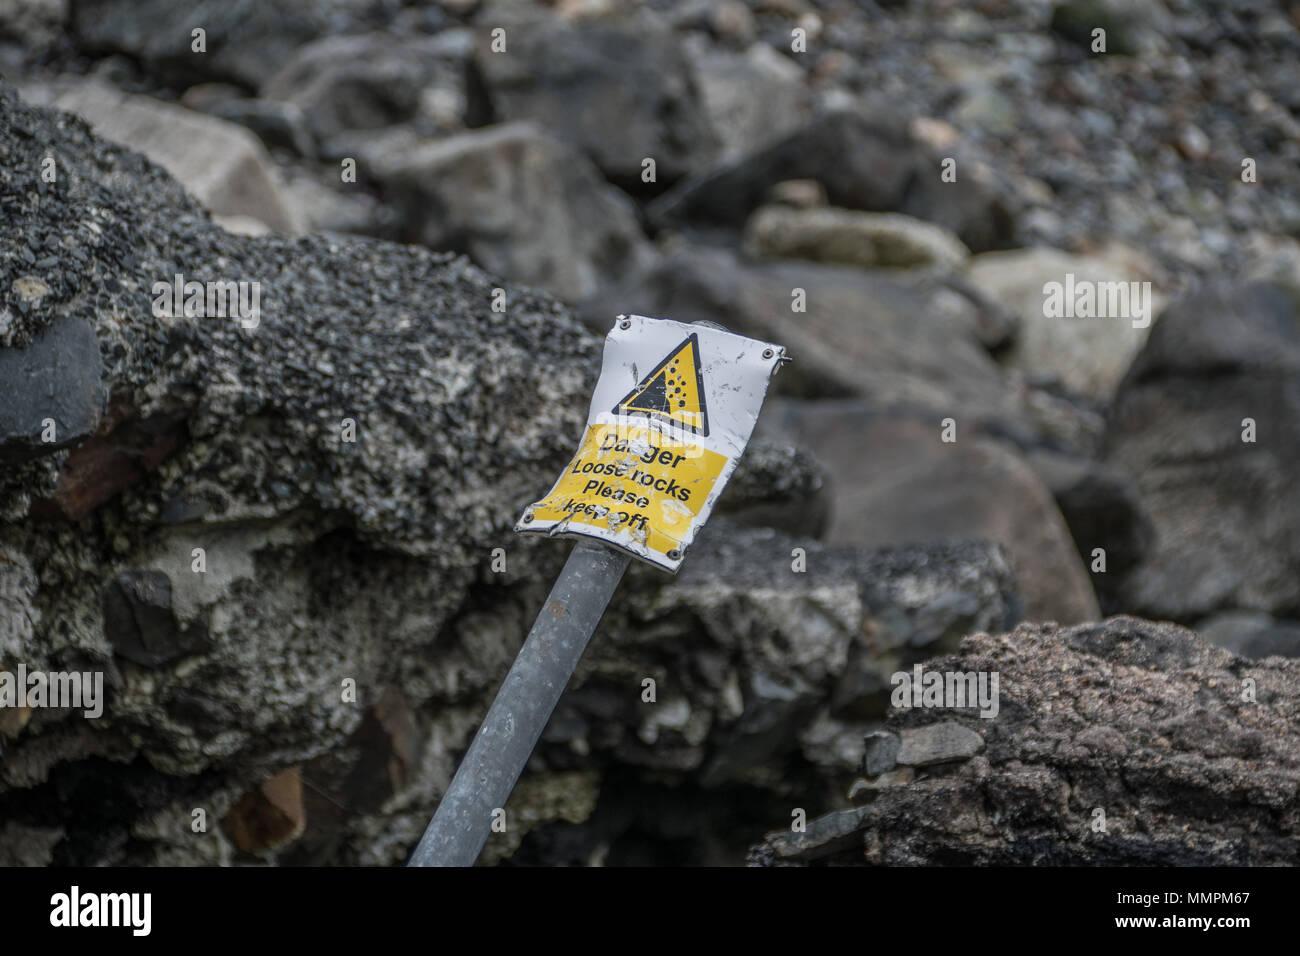 Gefahr lose Felsen Zeichen, verbogen worden ist und ein Umkippen vor einige lose Felsen an der Küste in Newlyn in Cornwall. Stockbild